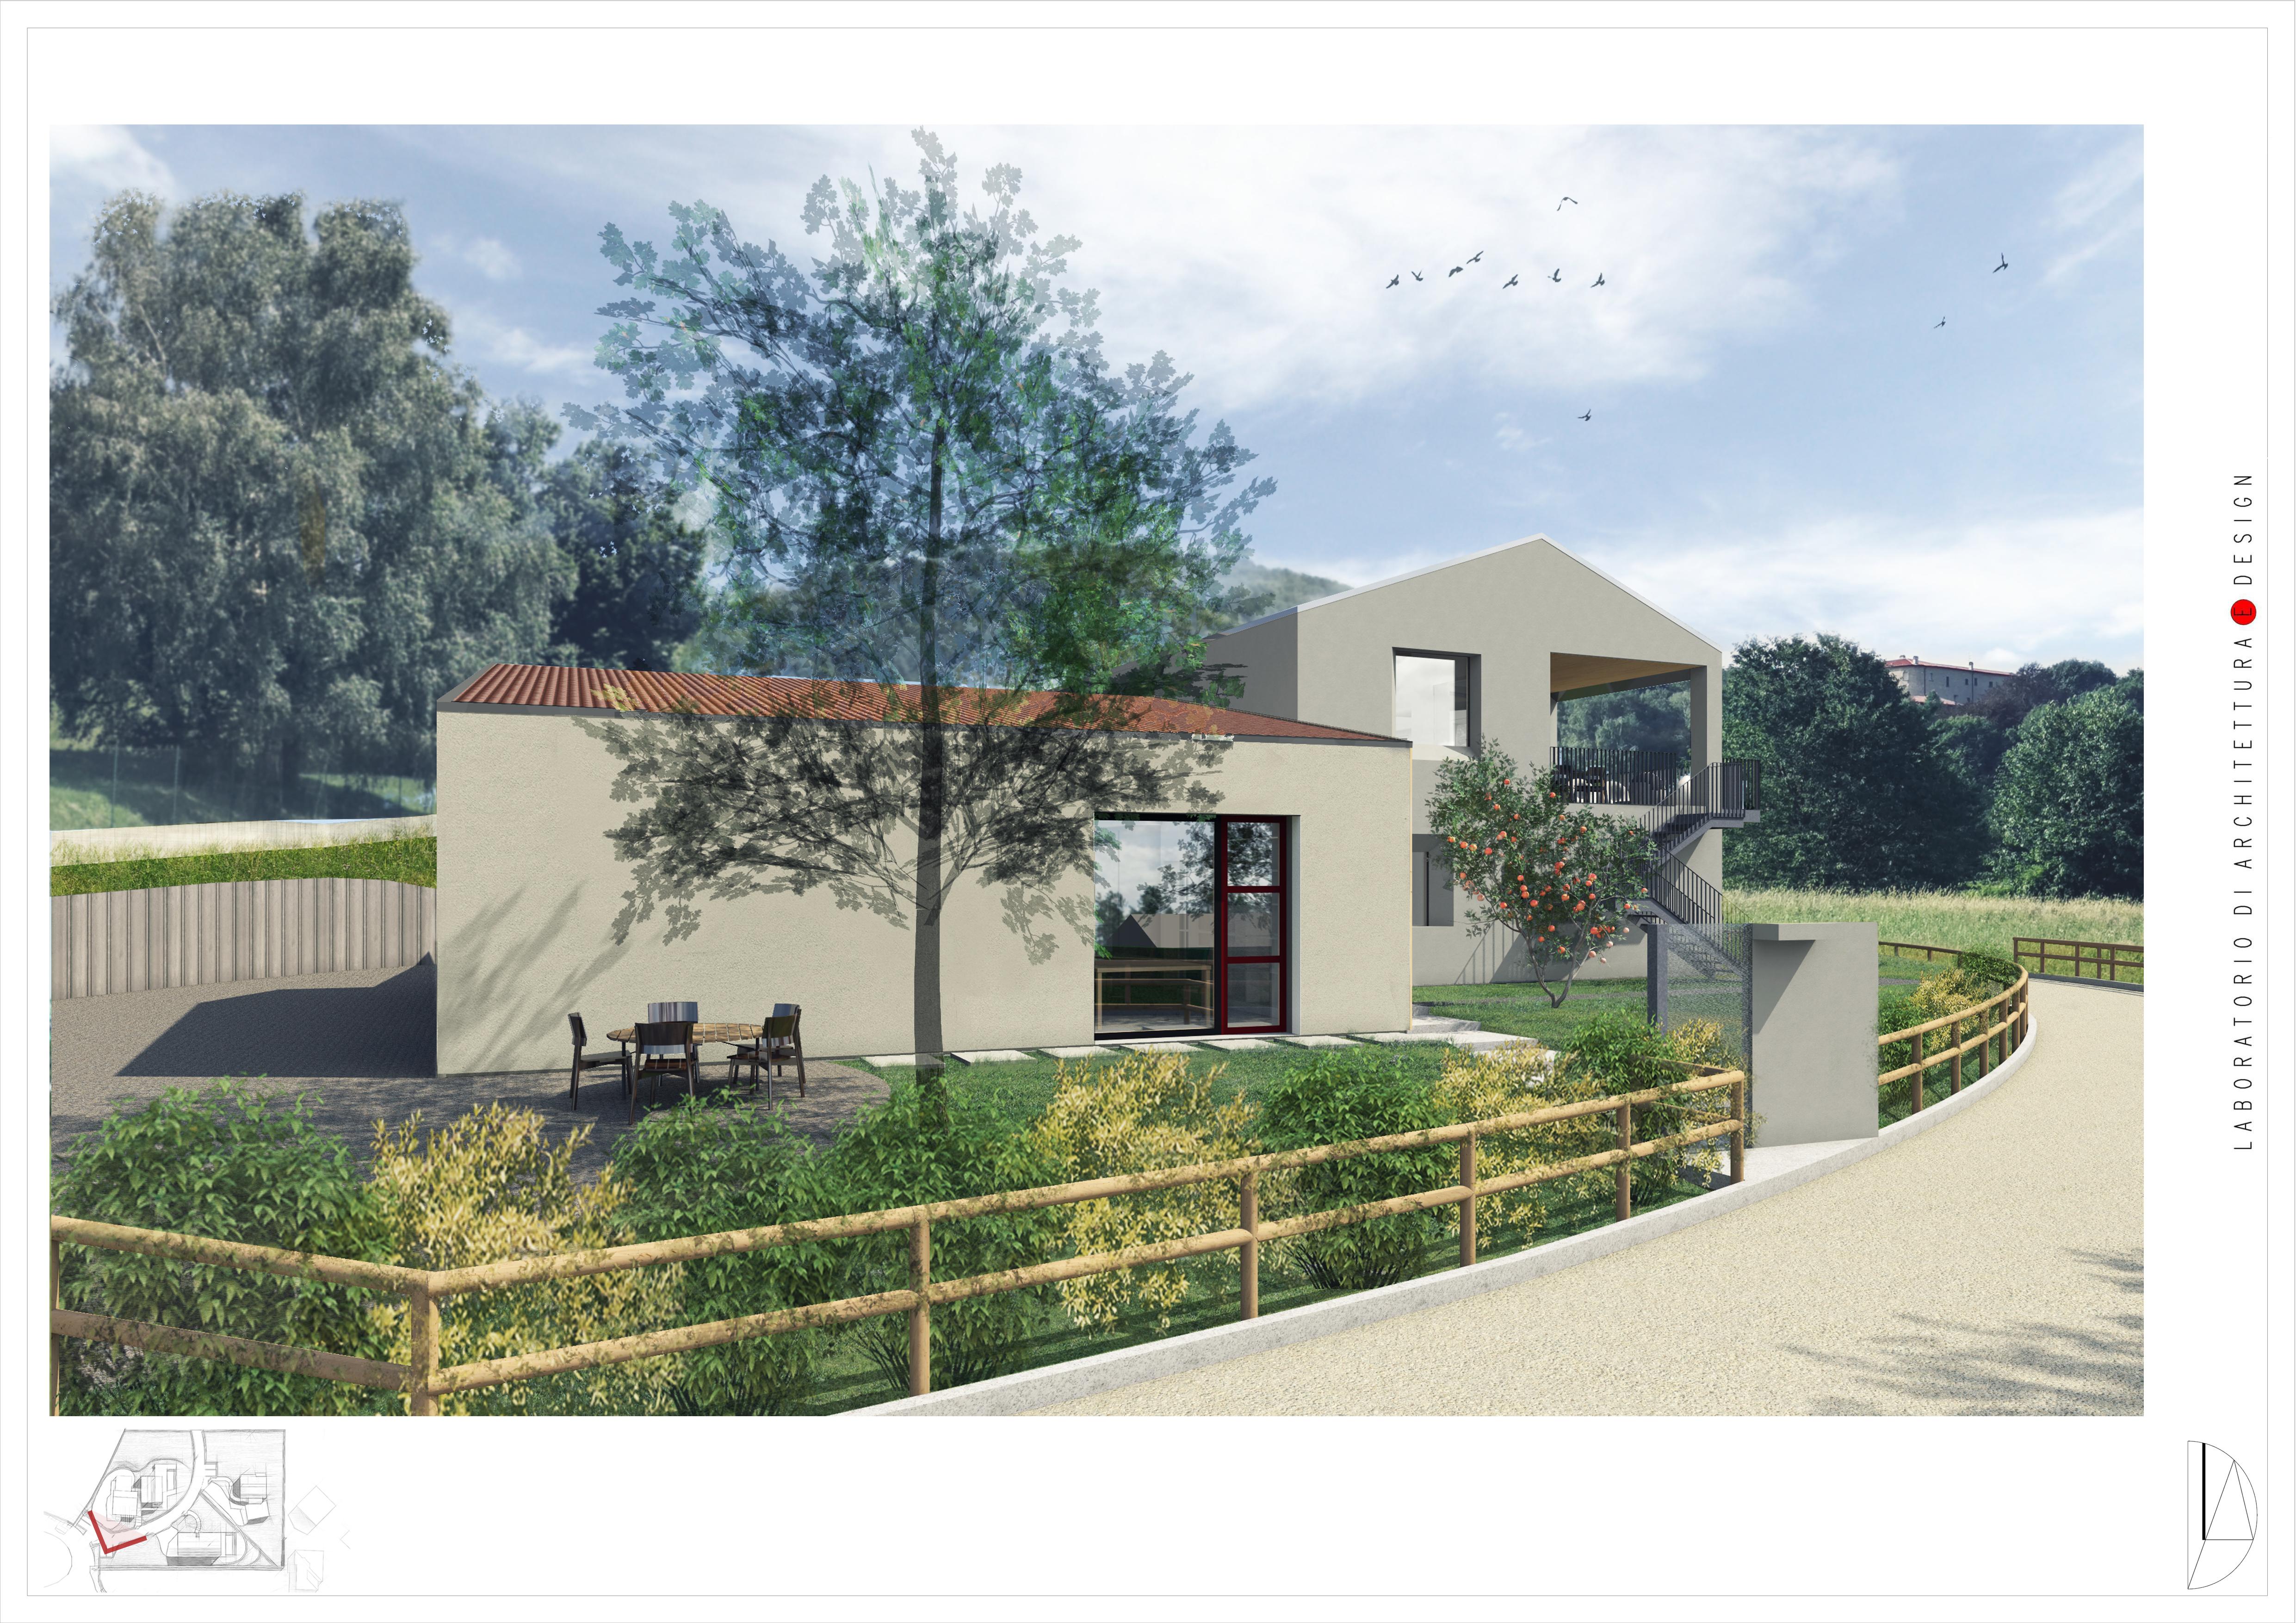 Laboratorio di architettura e design nuove residenze for Nuove case contemporanee